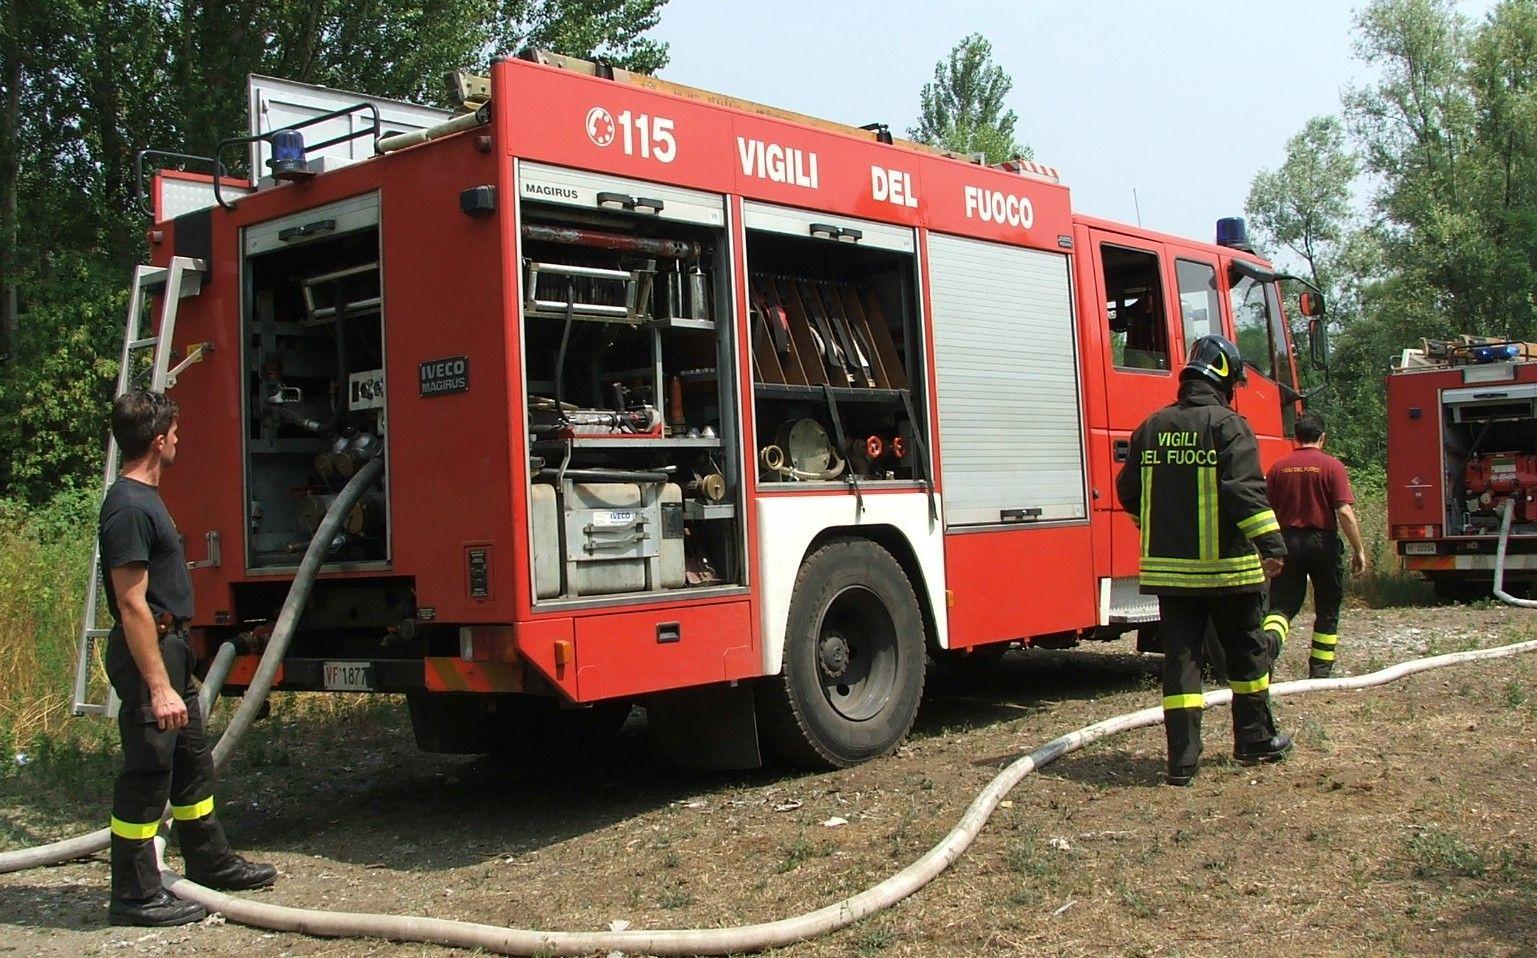 CHIVASSO - Brucia delle sterpaglie e viene avvolta dalle fiamme